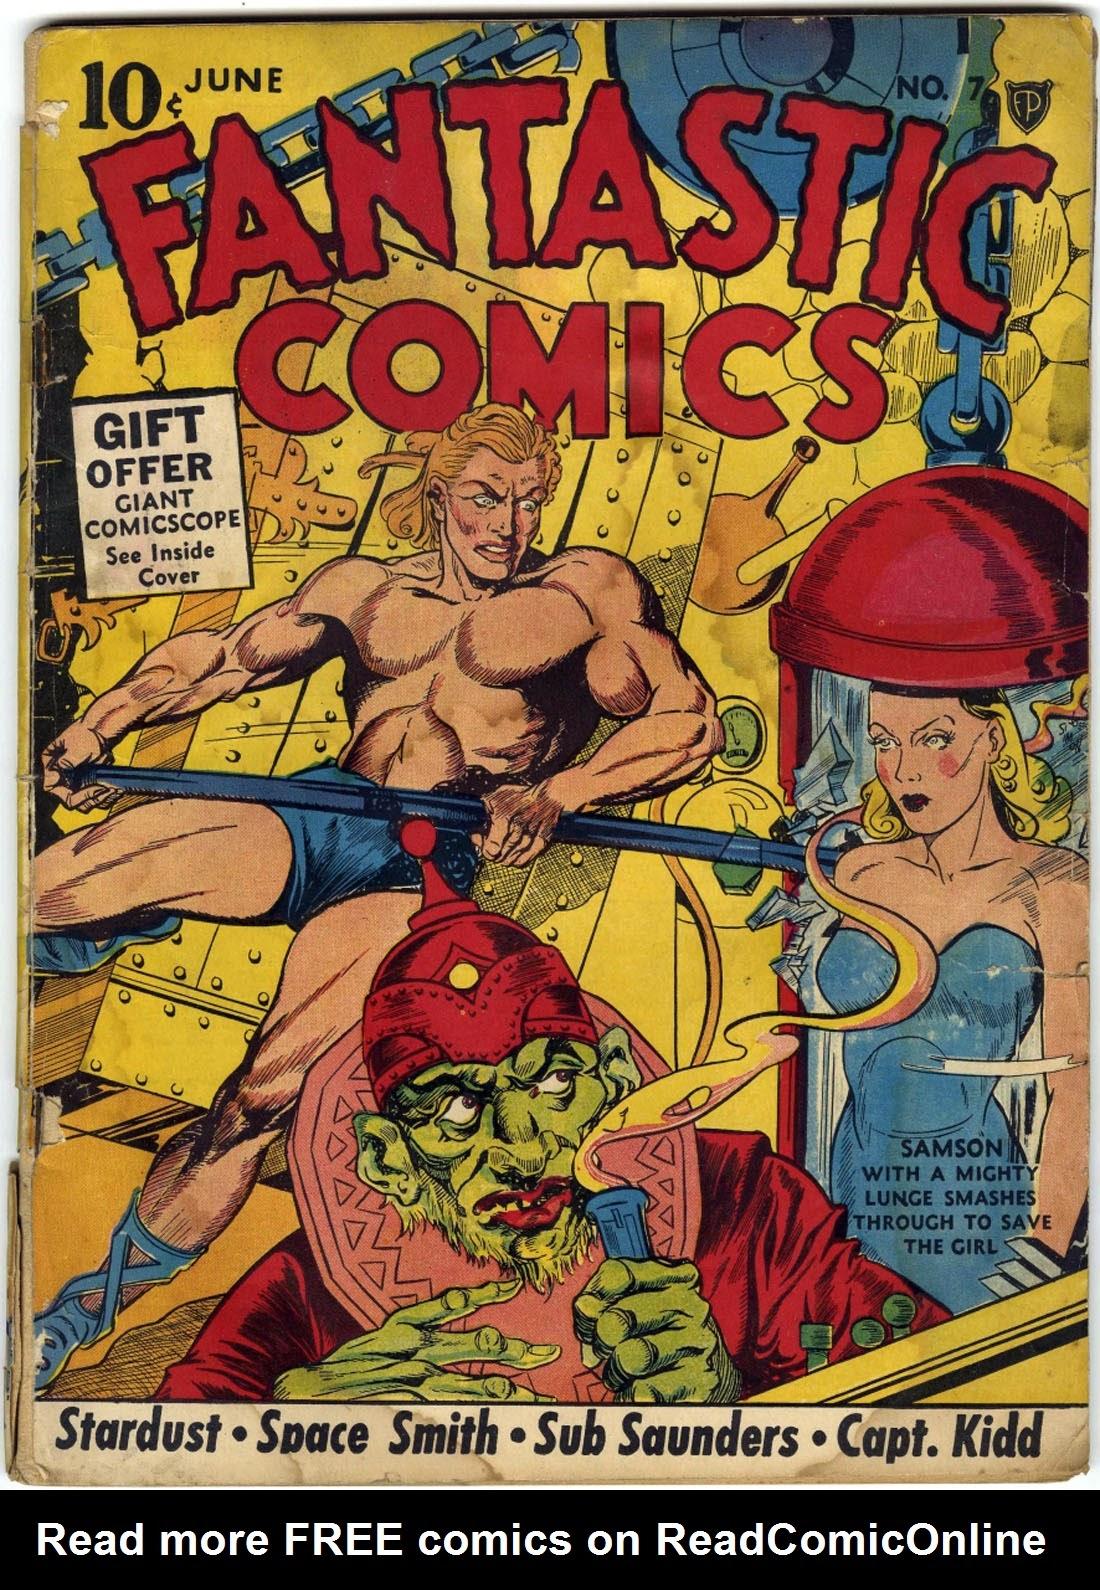 Fantastic Comics 7 Page 1